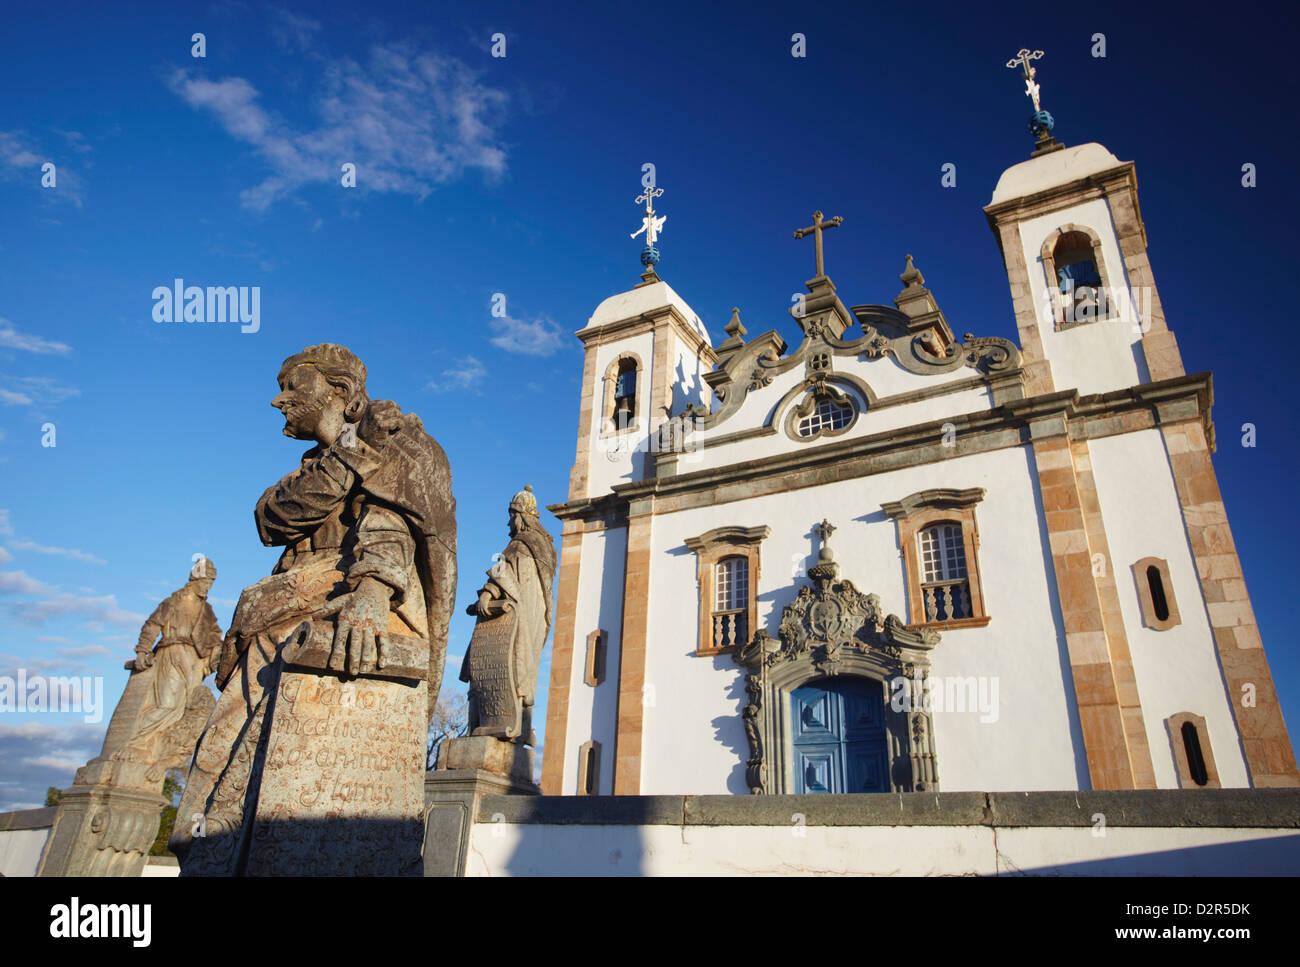 Sanctuary of Bom Jesus de Matosinhos and The Prophets sculptures by Aleijadinho, Congonhas, Minas Gerais, Brazil - Stock Image